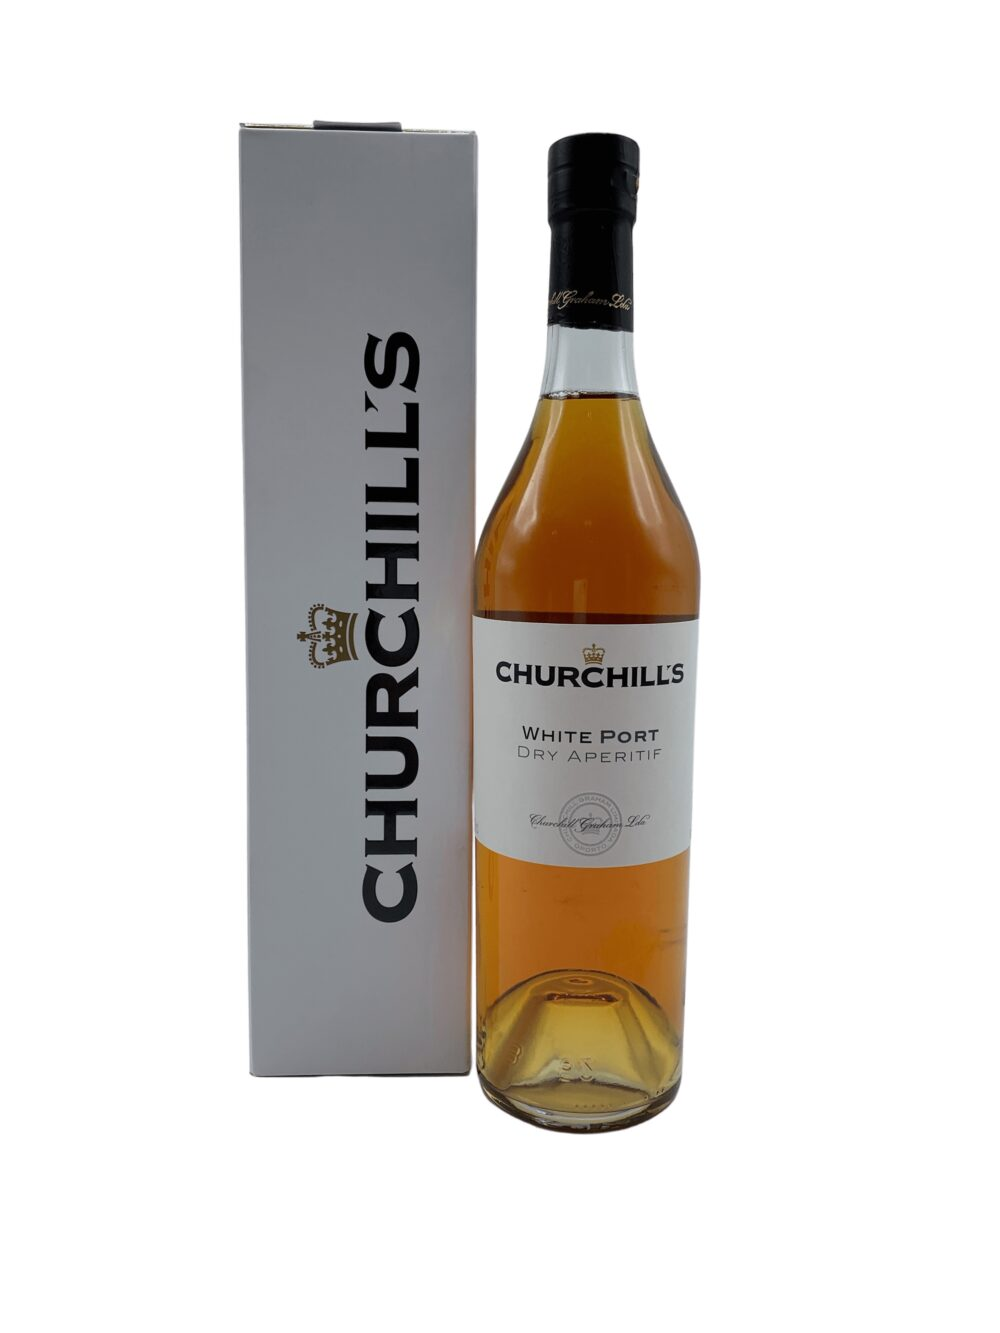 Porto Churchills white